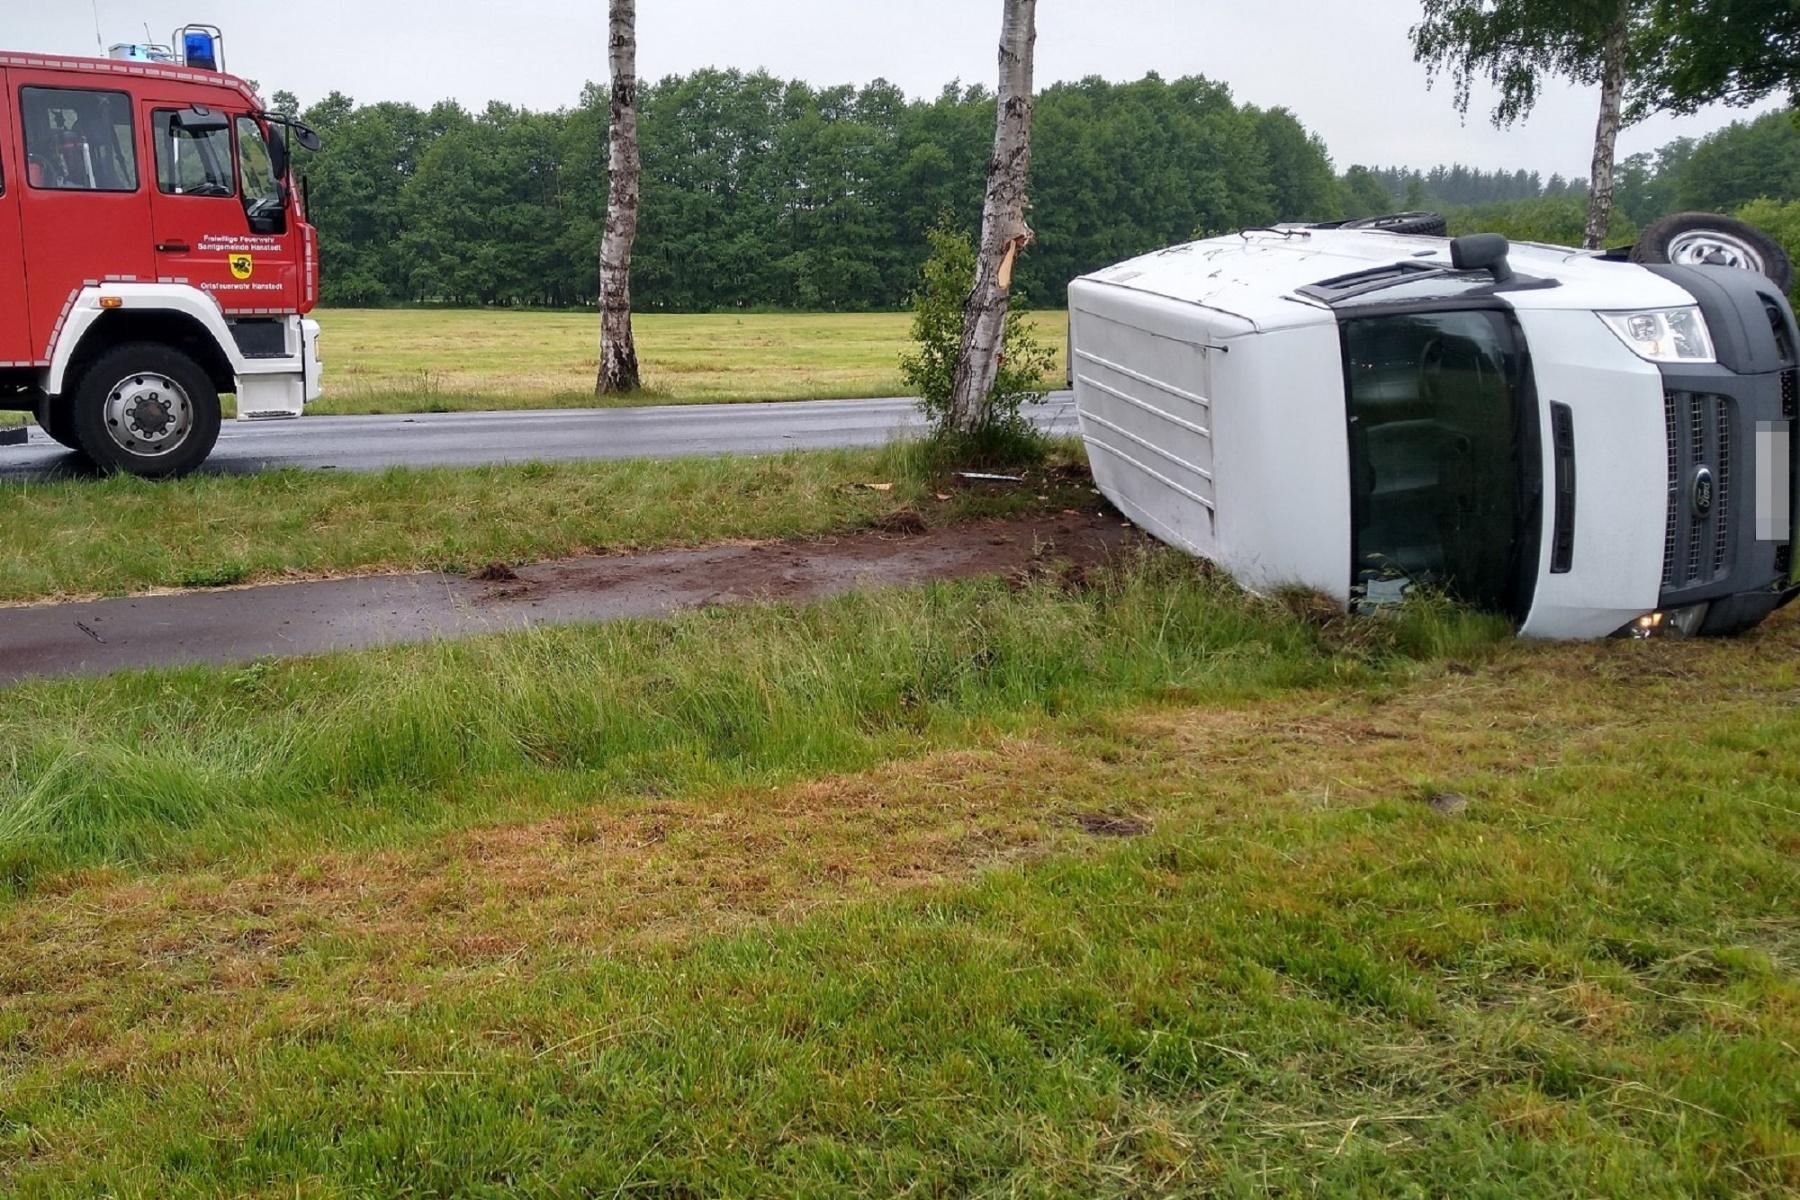 2020_06_11_Verkehrsunfall-Hanstedt-Bild-1